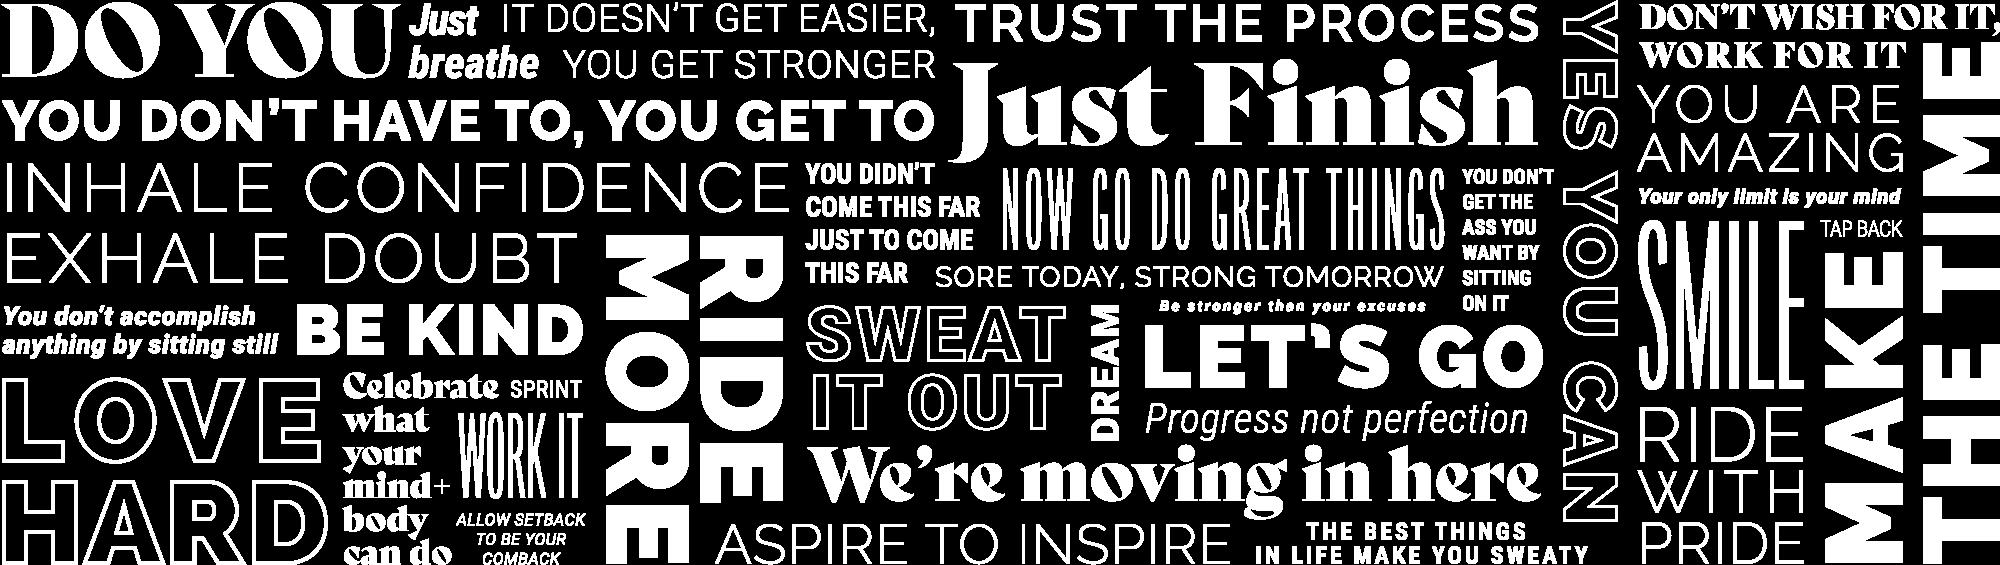 Ride Culture Manifesto